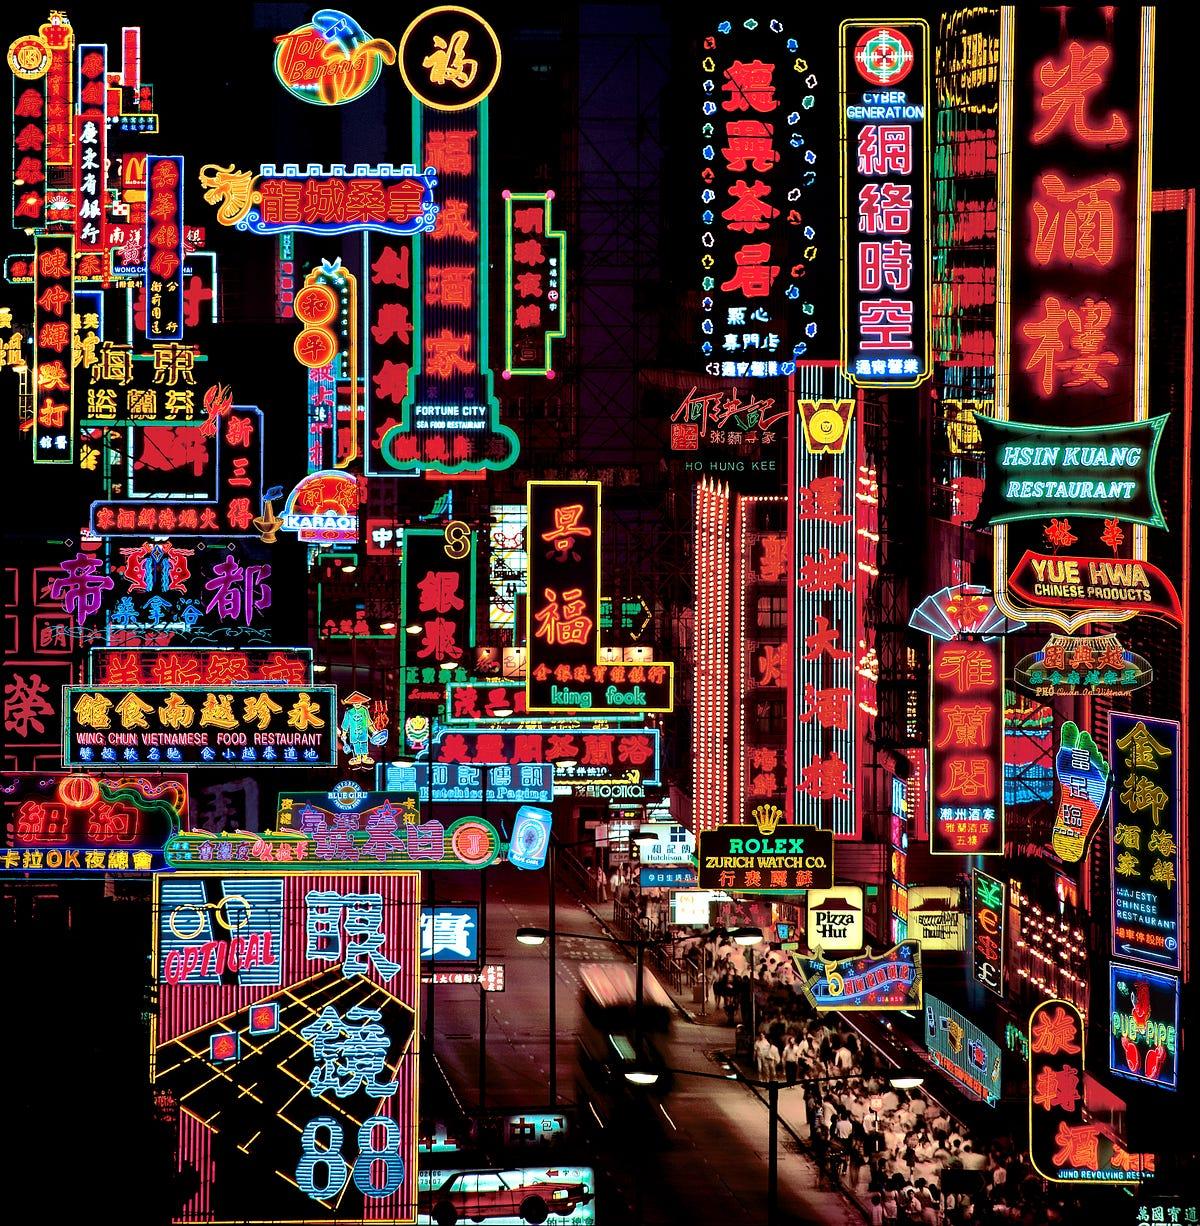 霓虹都市 懷舊香港 - 顯影 PhotogStory - Medium